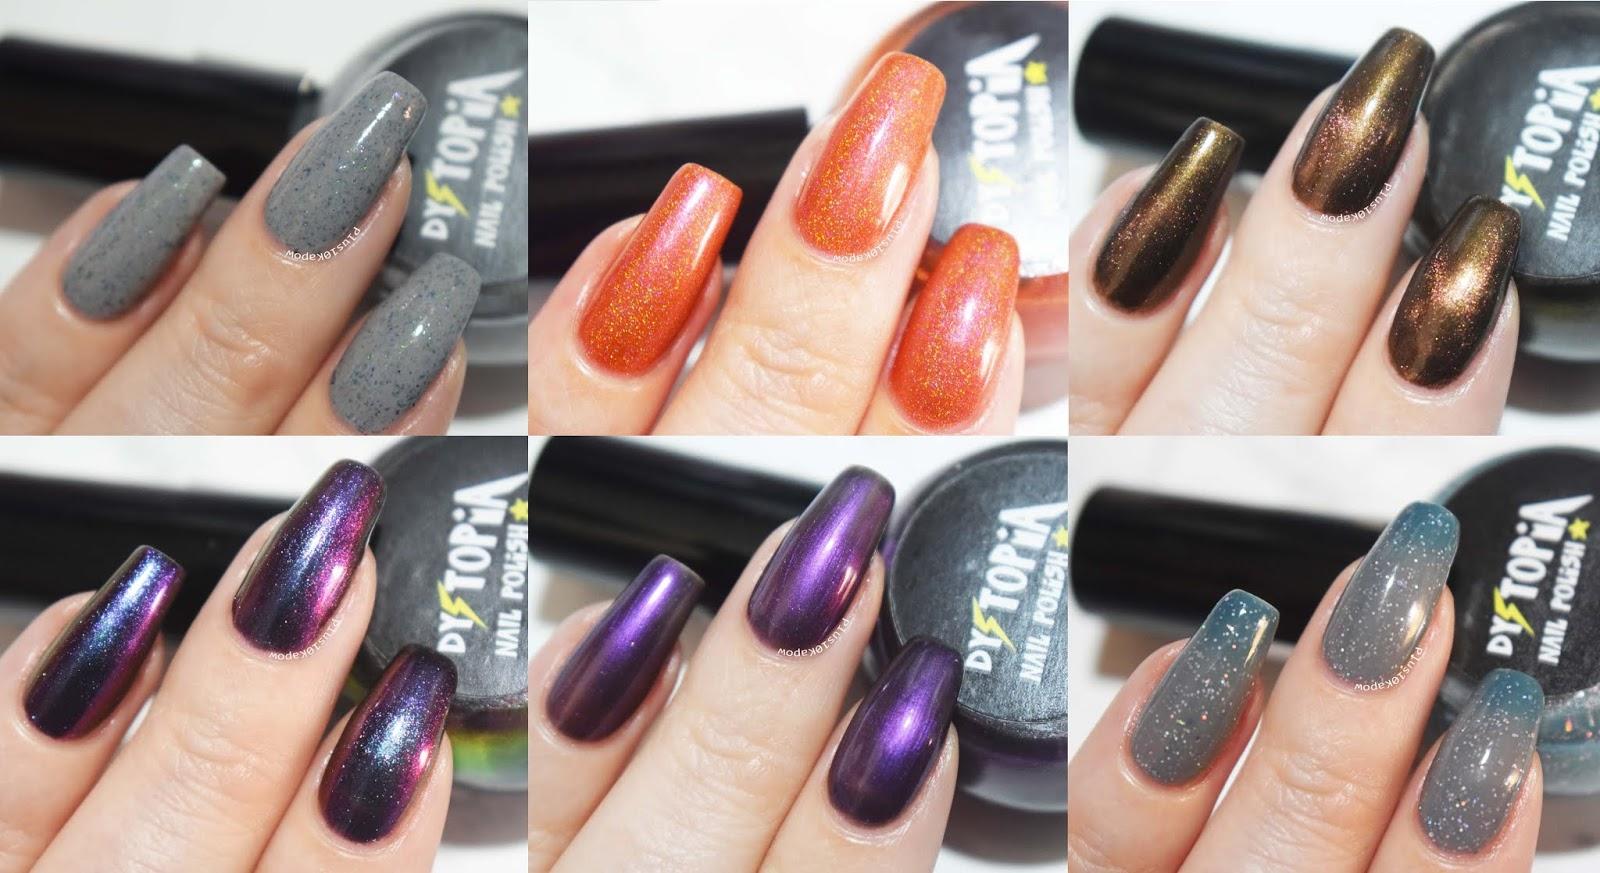 Dystopia Nail Polish Samhain Collection Swatches Plus10Kapow